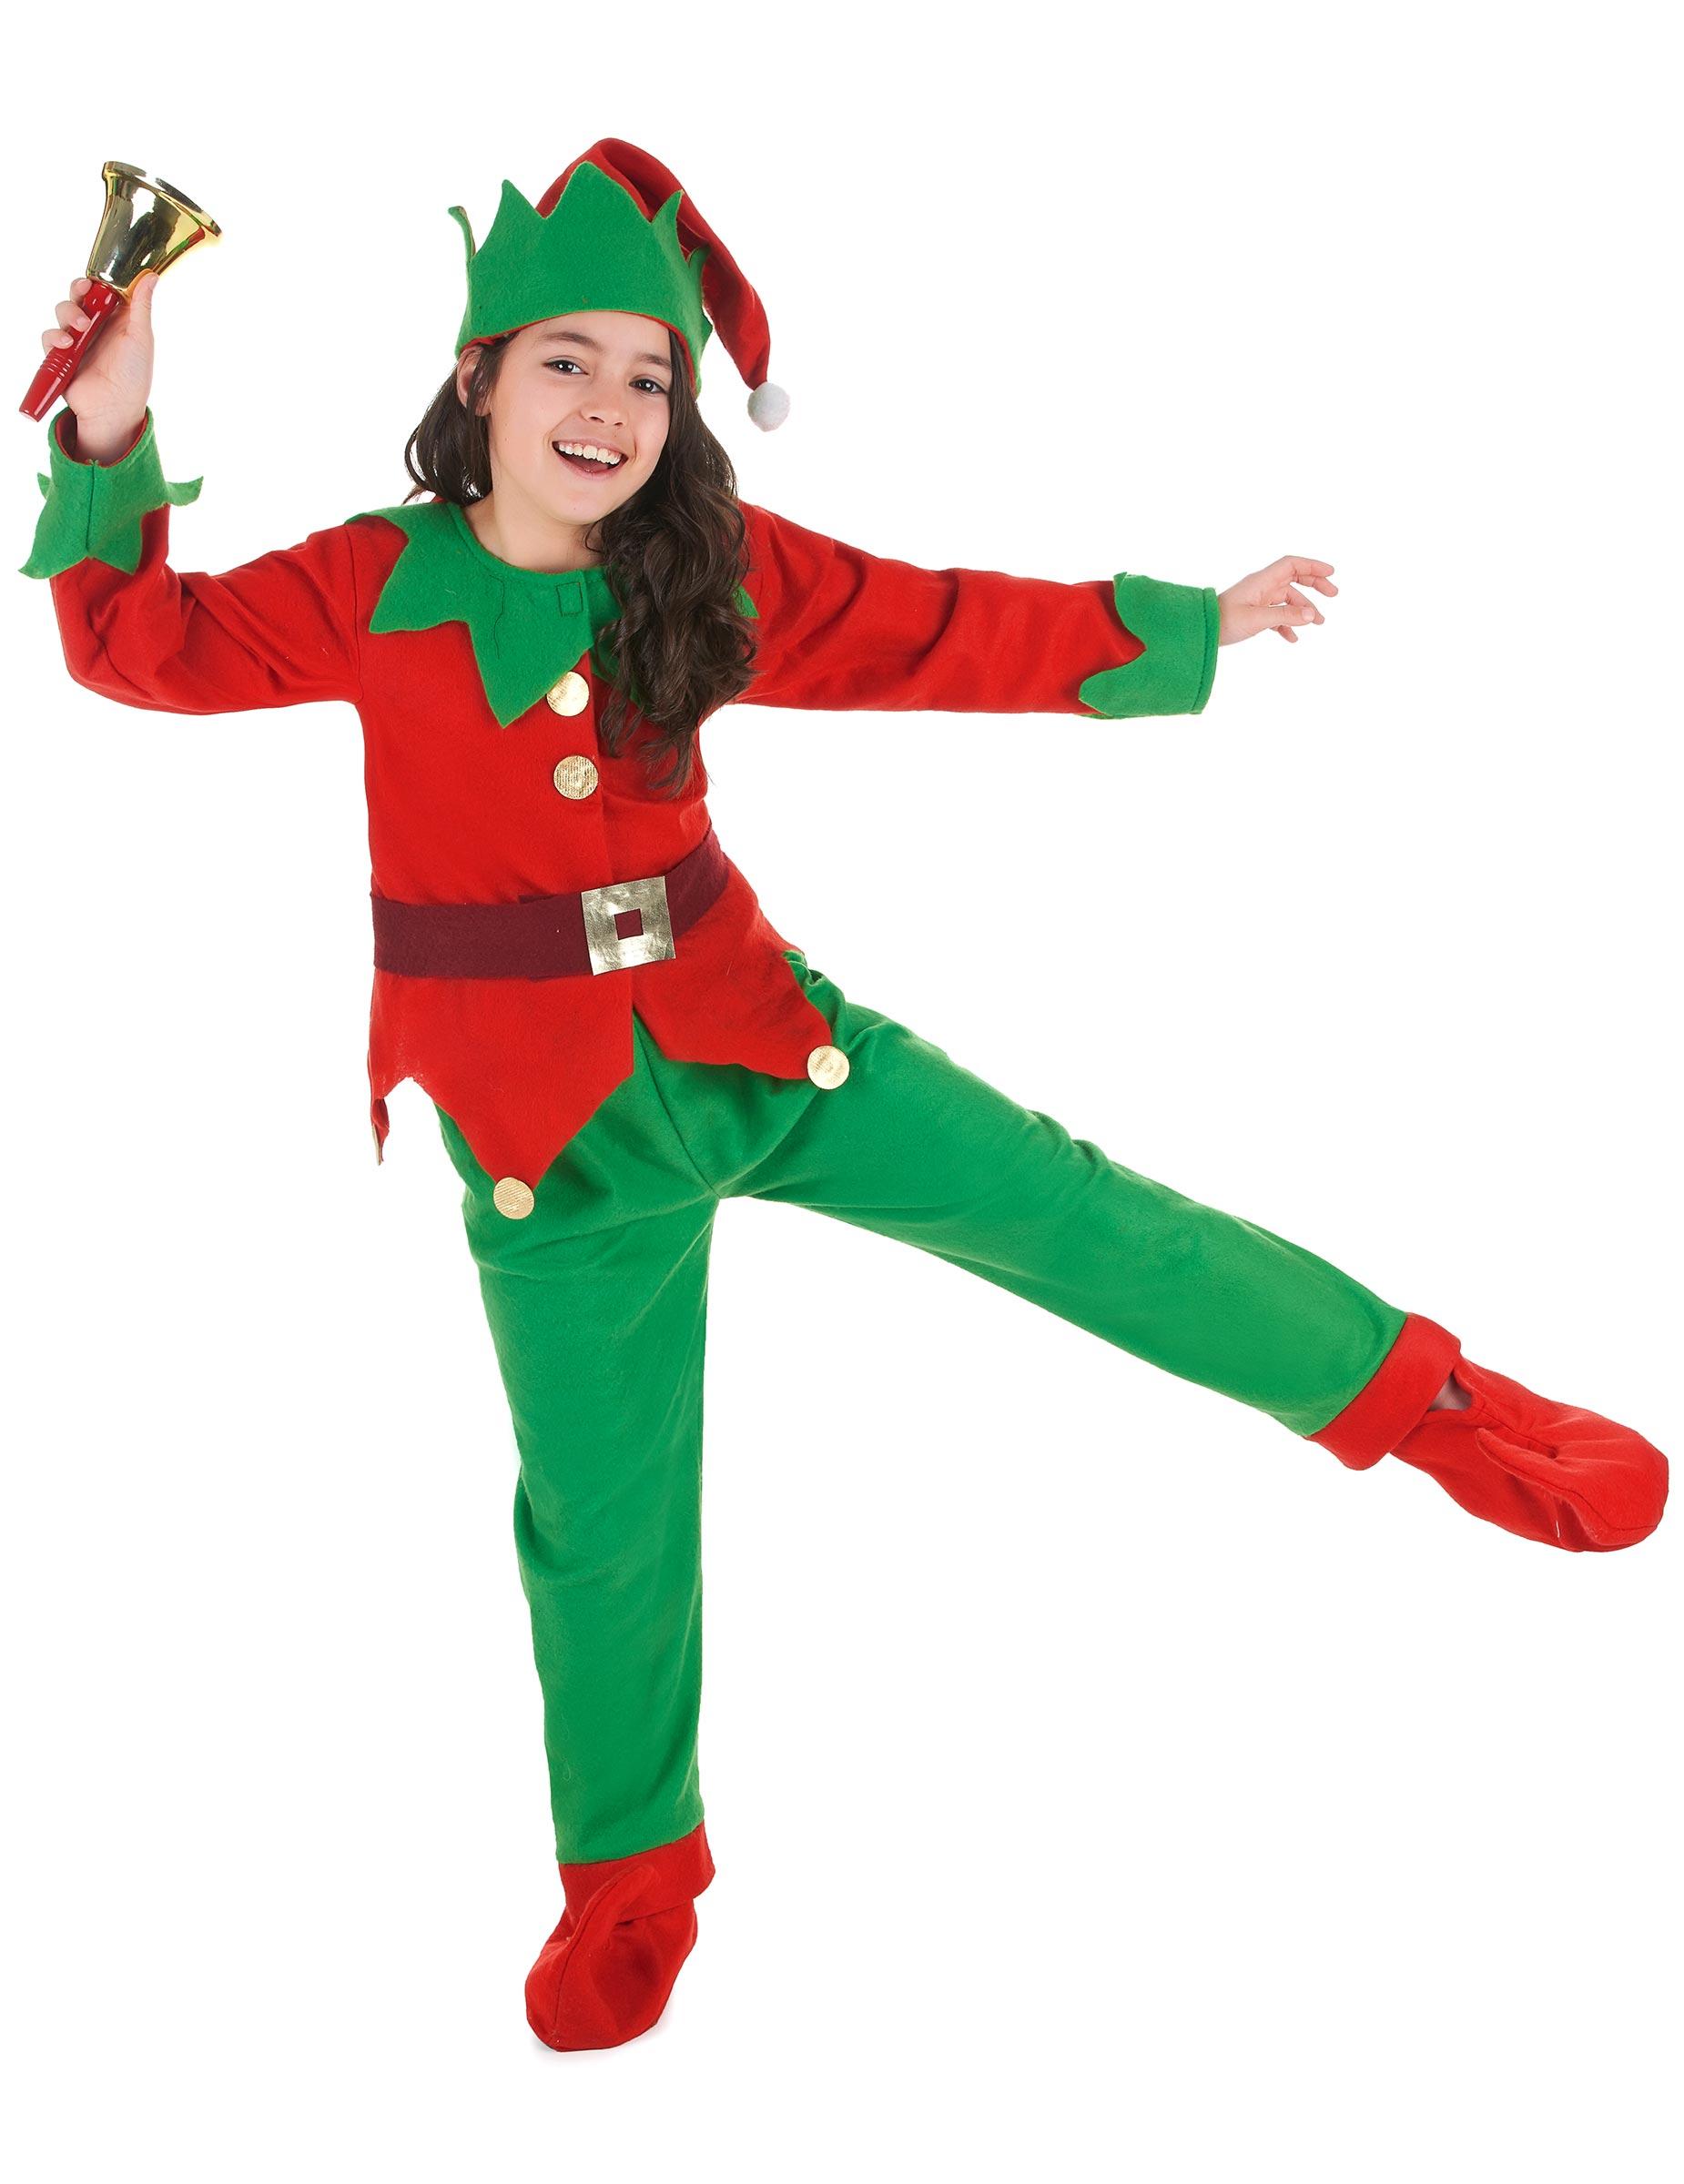 89ab6d6e4128 Costume Elfo di natale per bambino: Costumi bambini,e vestiti di ...